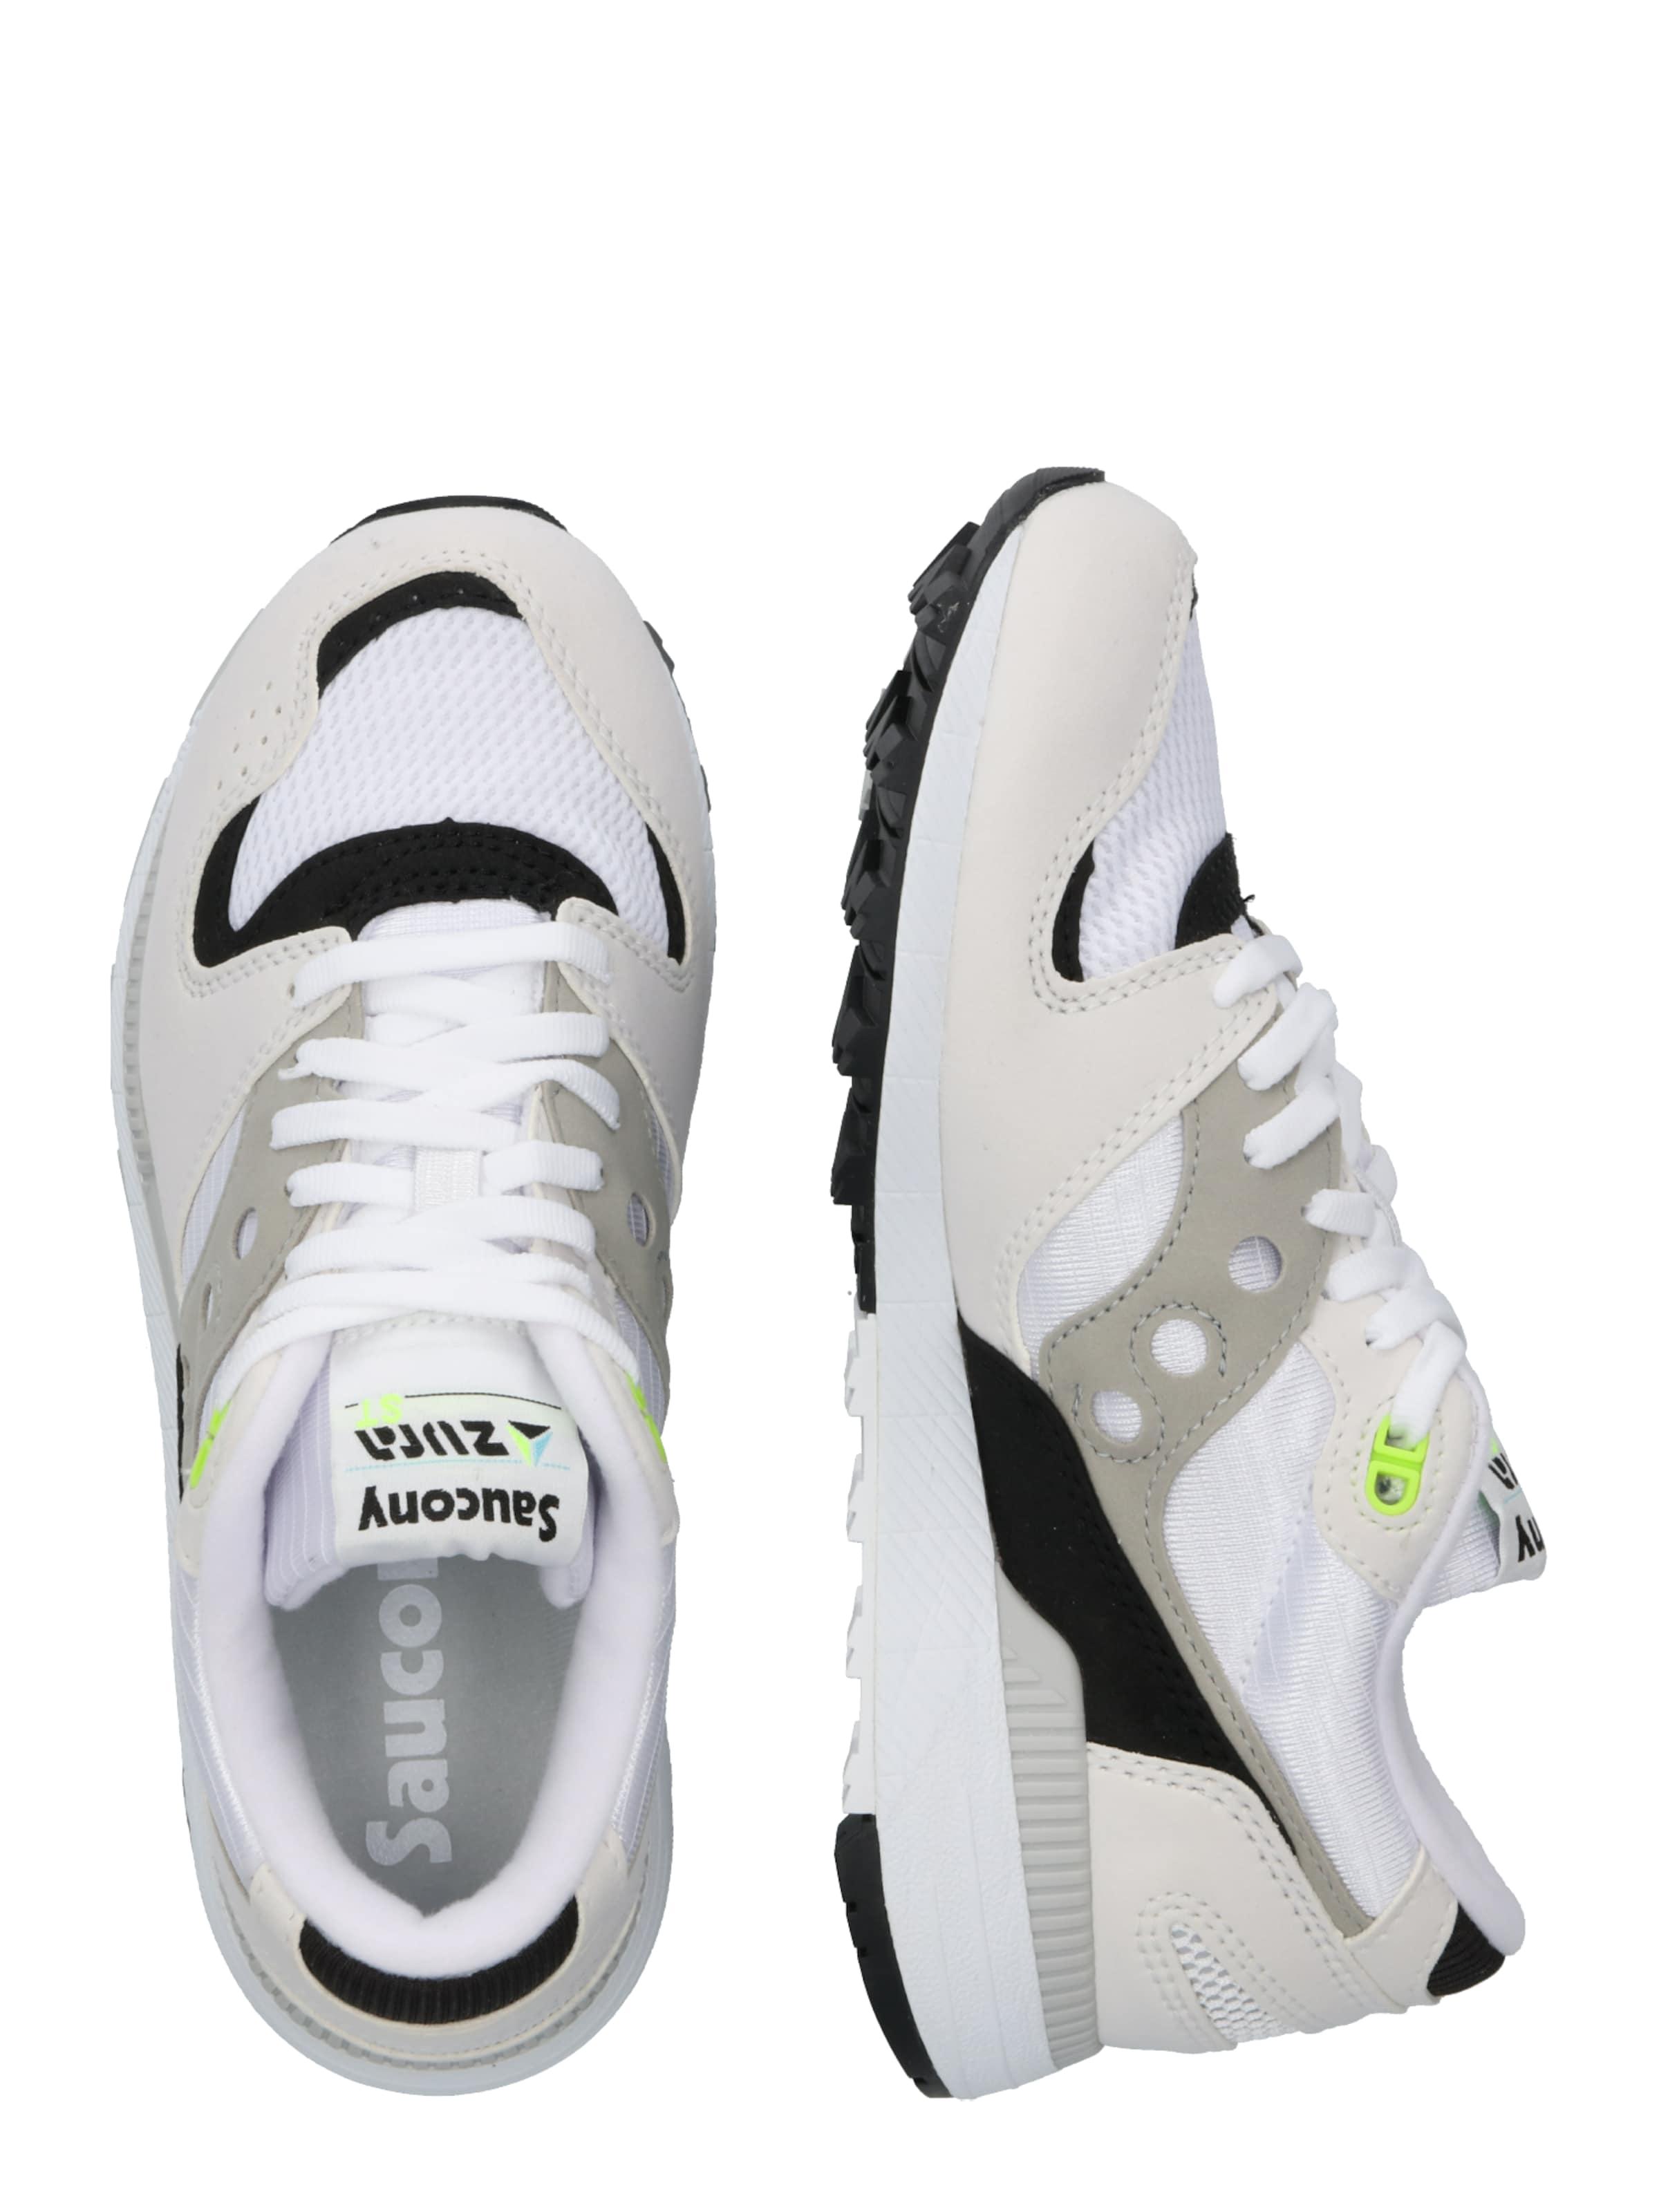 Saucony Saucony In HellgrauWeiß Sneaker Sneaker 'azura' In HellgrauWeiß 'azura' Saucony QCoErexWdB